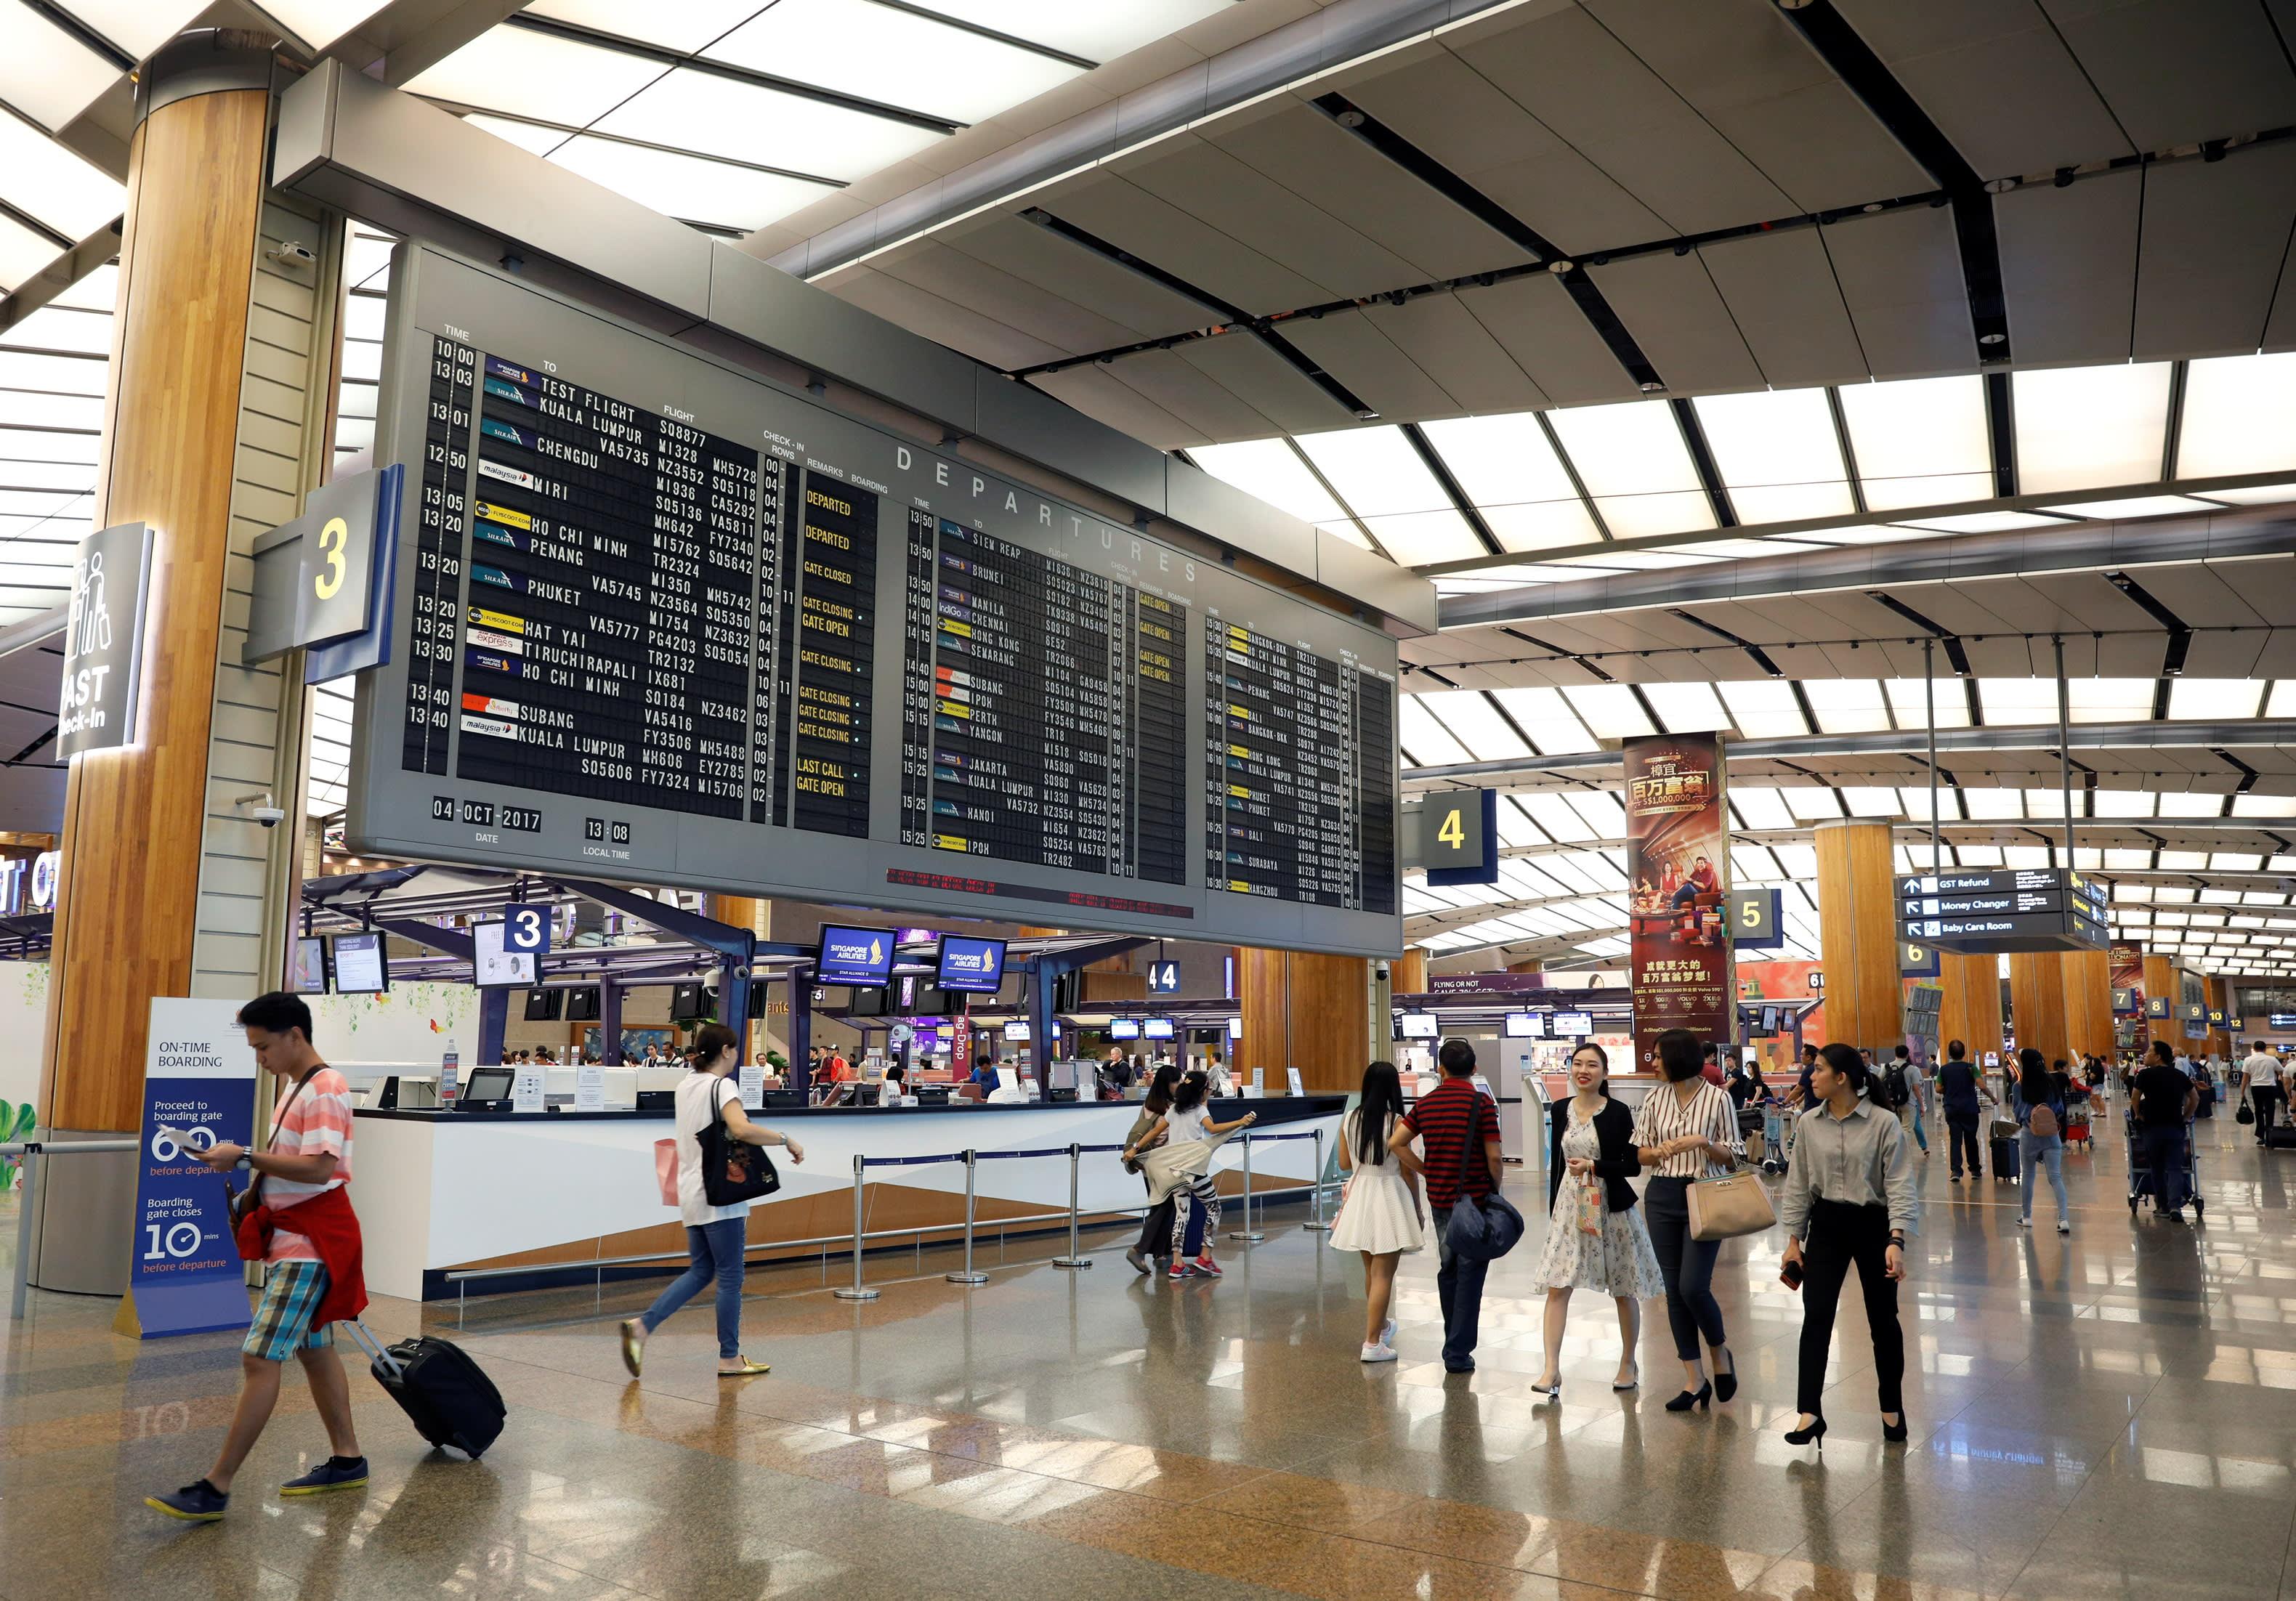 Singapore eyes 30% stake in Manila airport expansion - Nikkei Asian